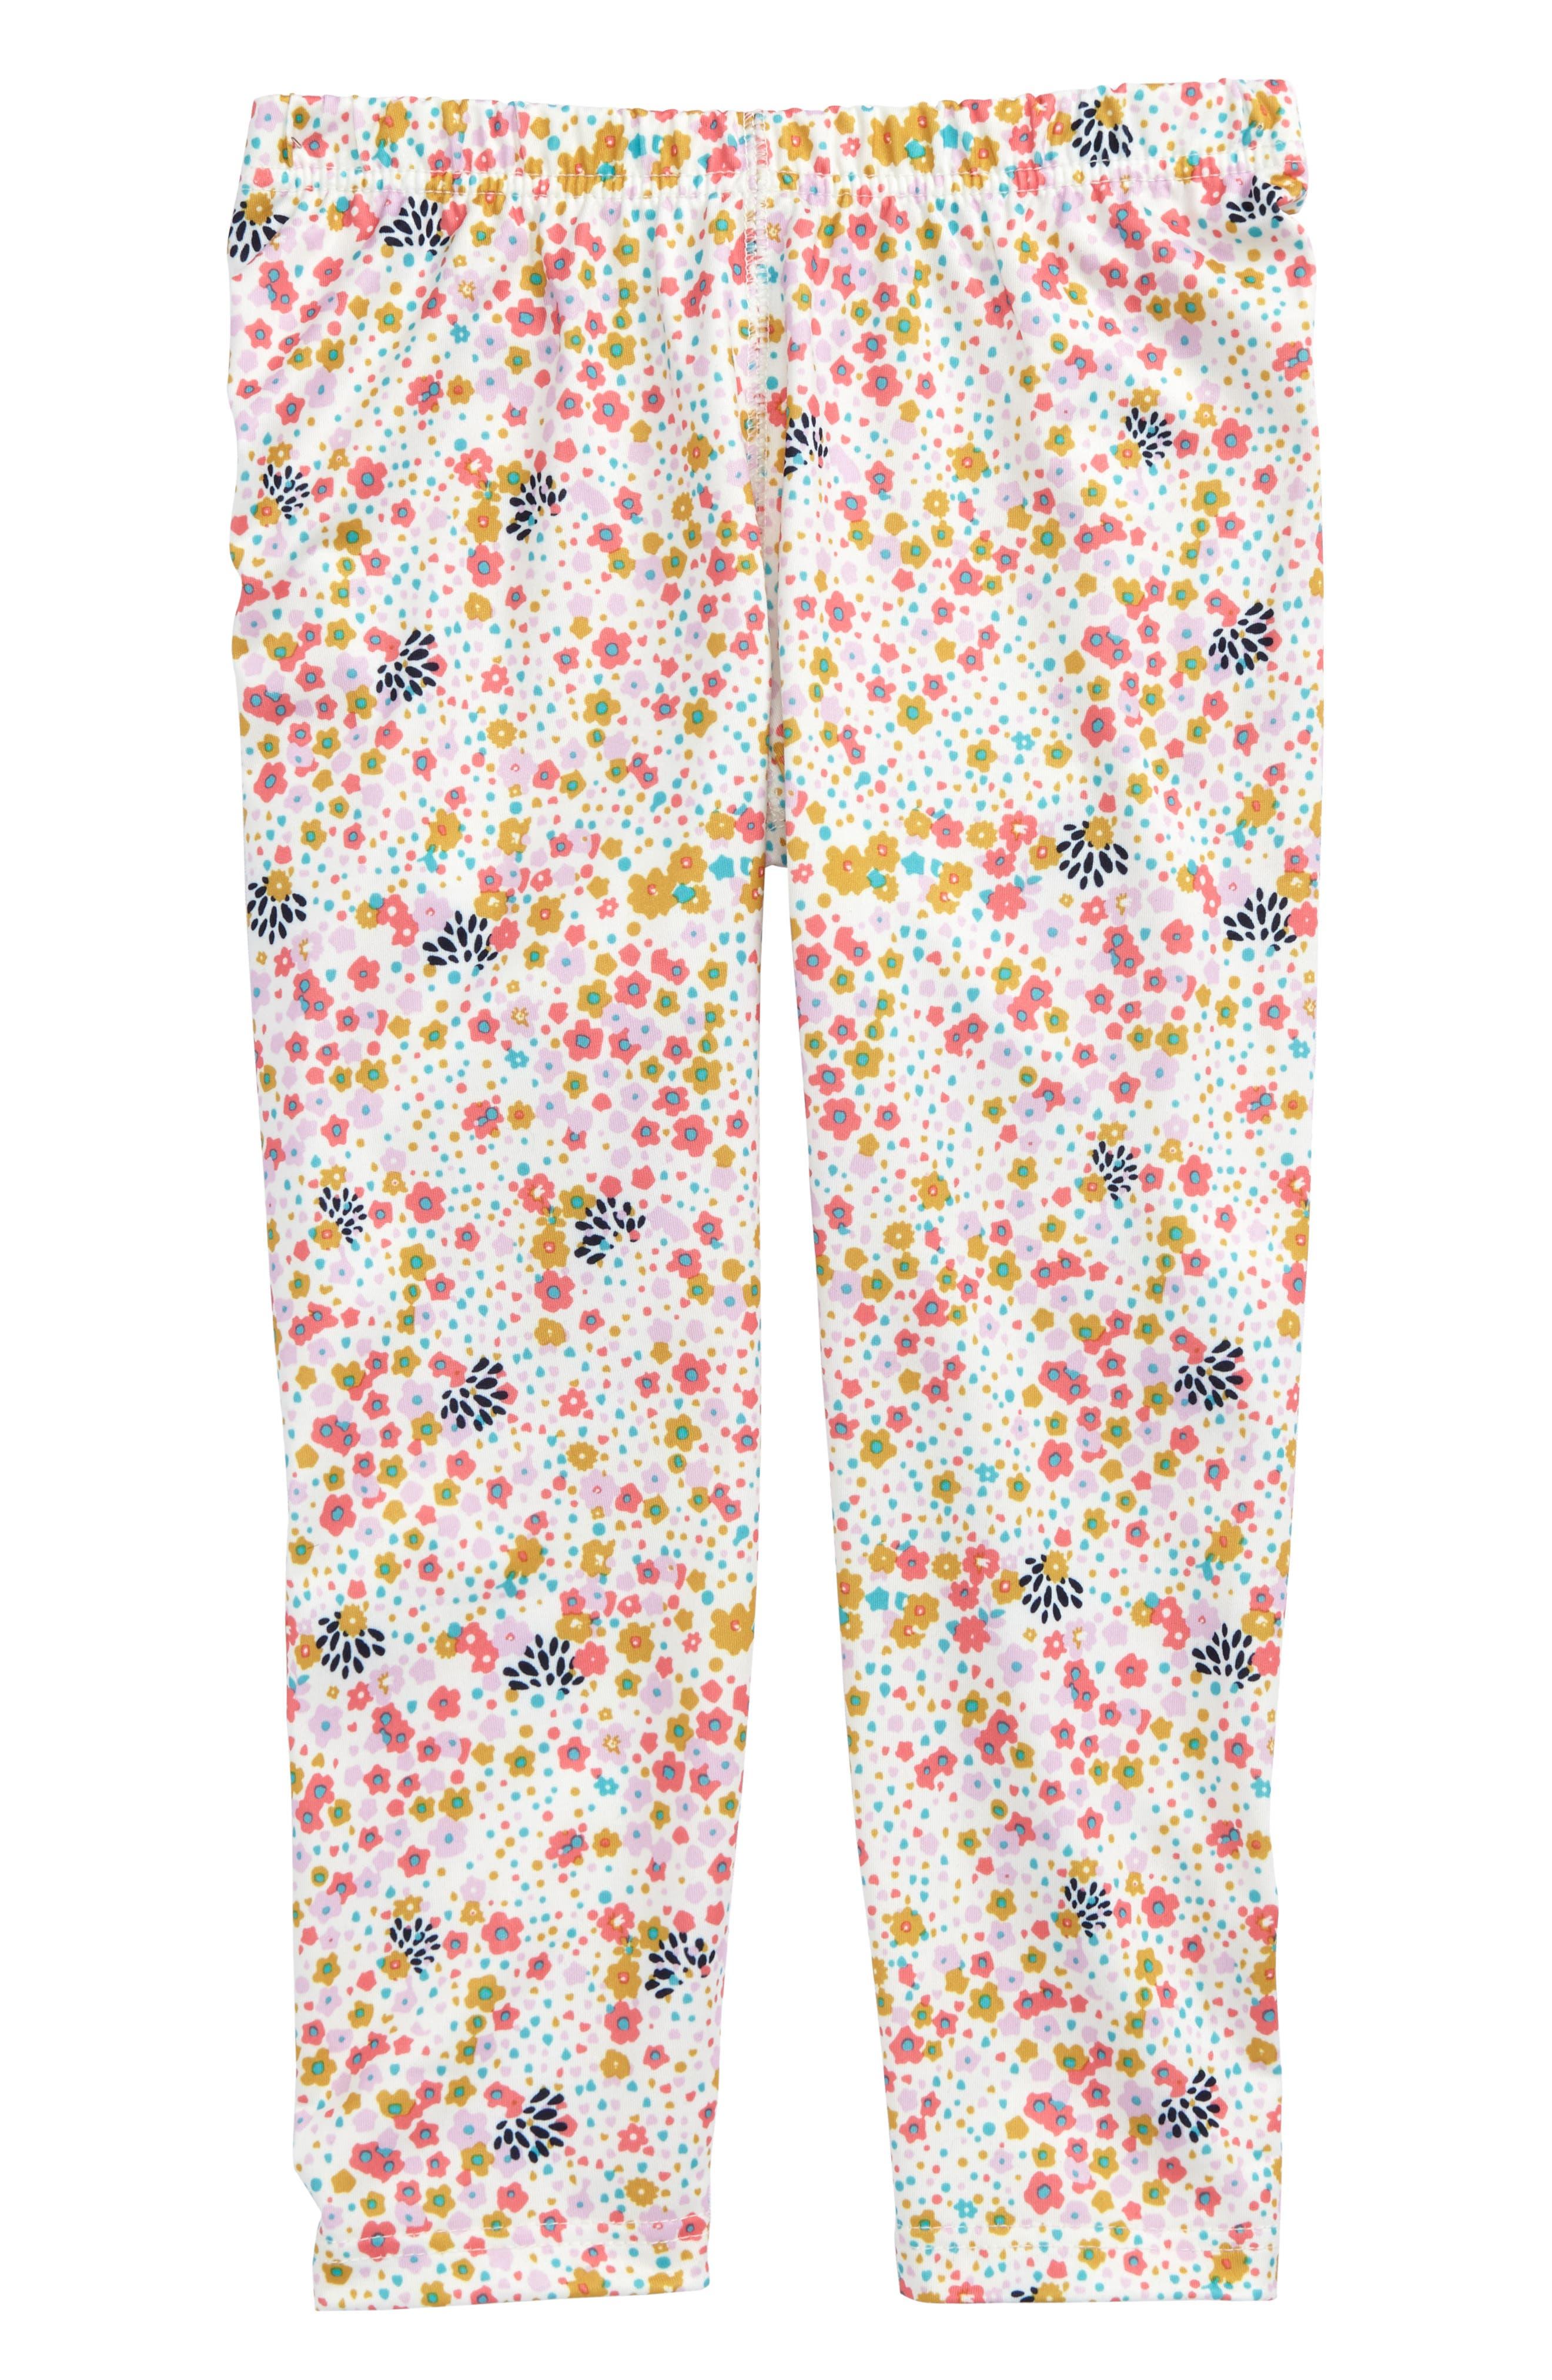 Capilene Print Leggings,                         Main,                         color, Flurry Floral:Birch White